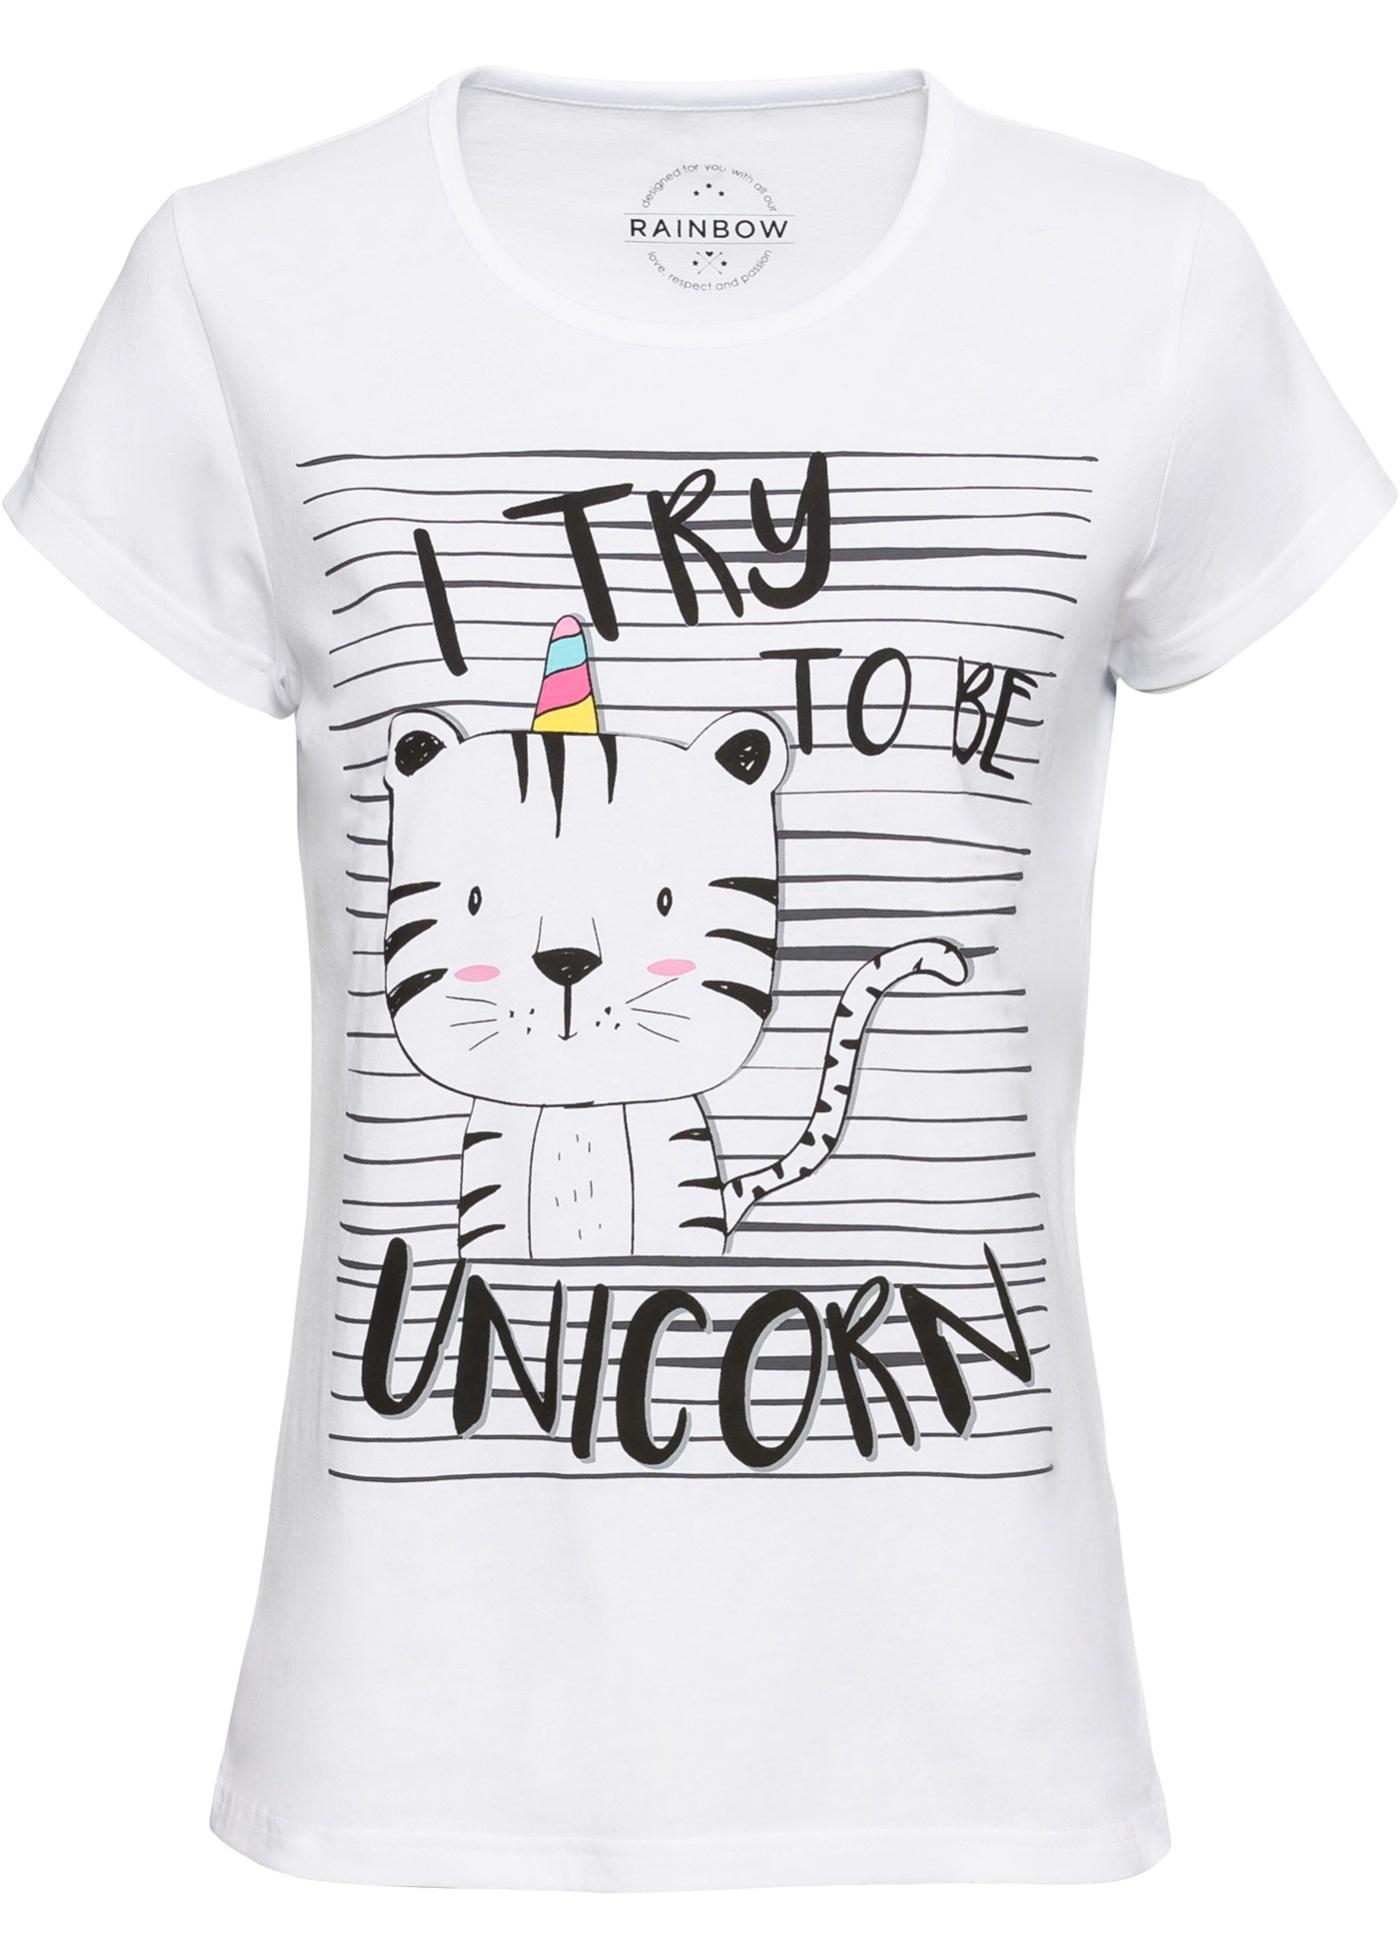 shirt Manches Imprimé Pour Femme Rainbow Courtes Blanc BonprixT 7Y6yImfgvb